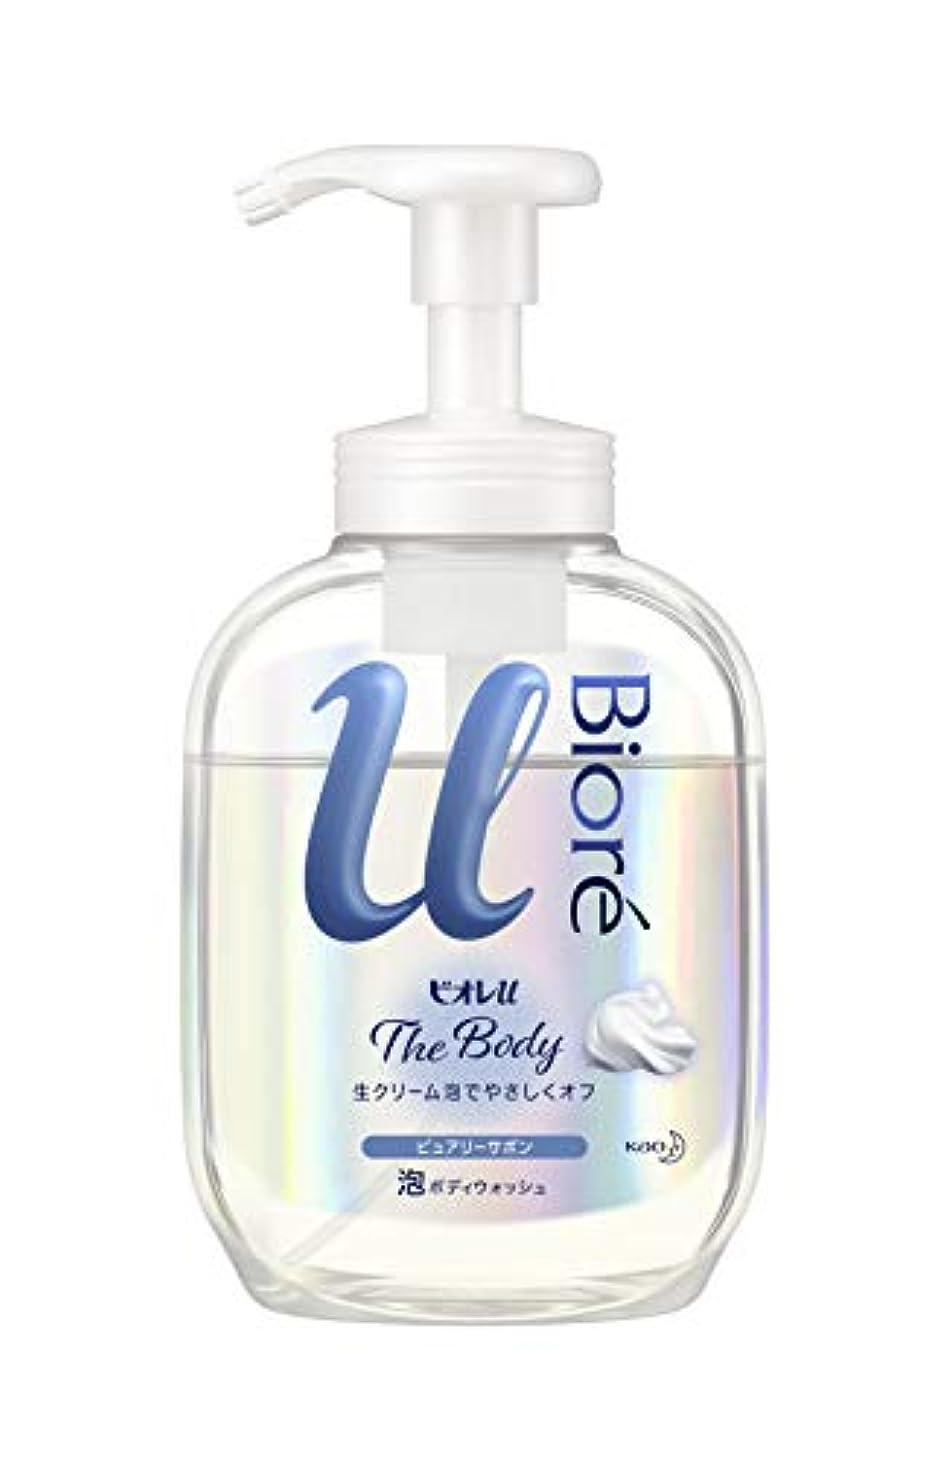 不満文化インテリアビオレu ザ ボディ 〔 The Body 〕 泡タイプ ピュアリーサボンの香り ポンプ 540ml 「高潤滑処方の生クリーム泡」